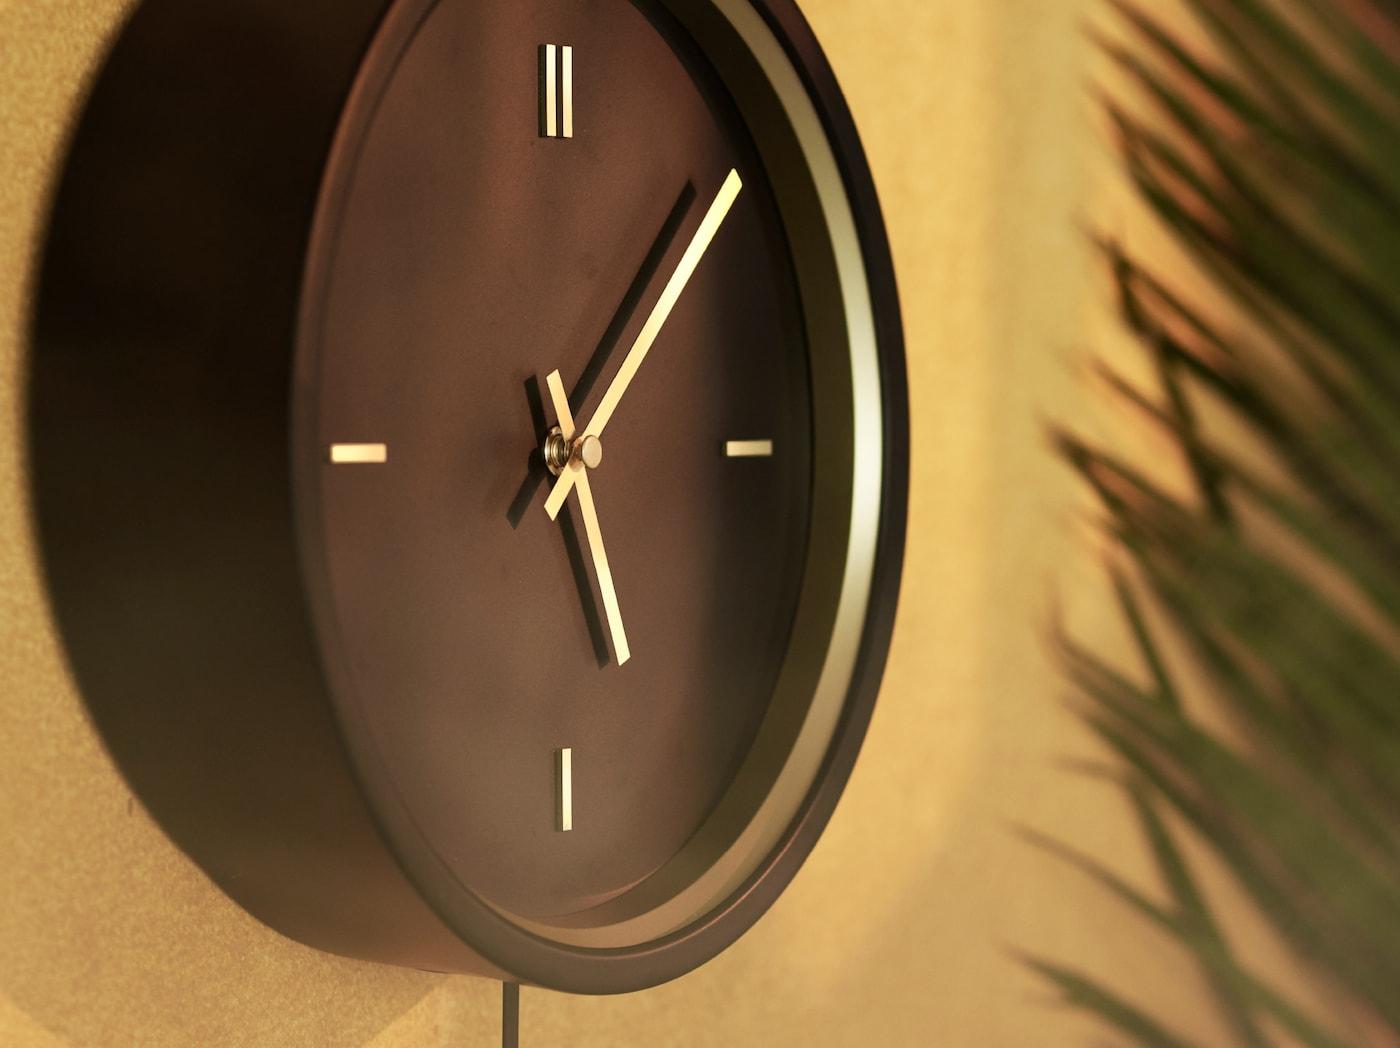 Detalle del reloj de pared STURSK negro con detalles y manecillas doradas, colgado en una pared de color marrón dorado.